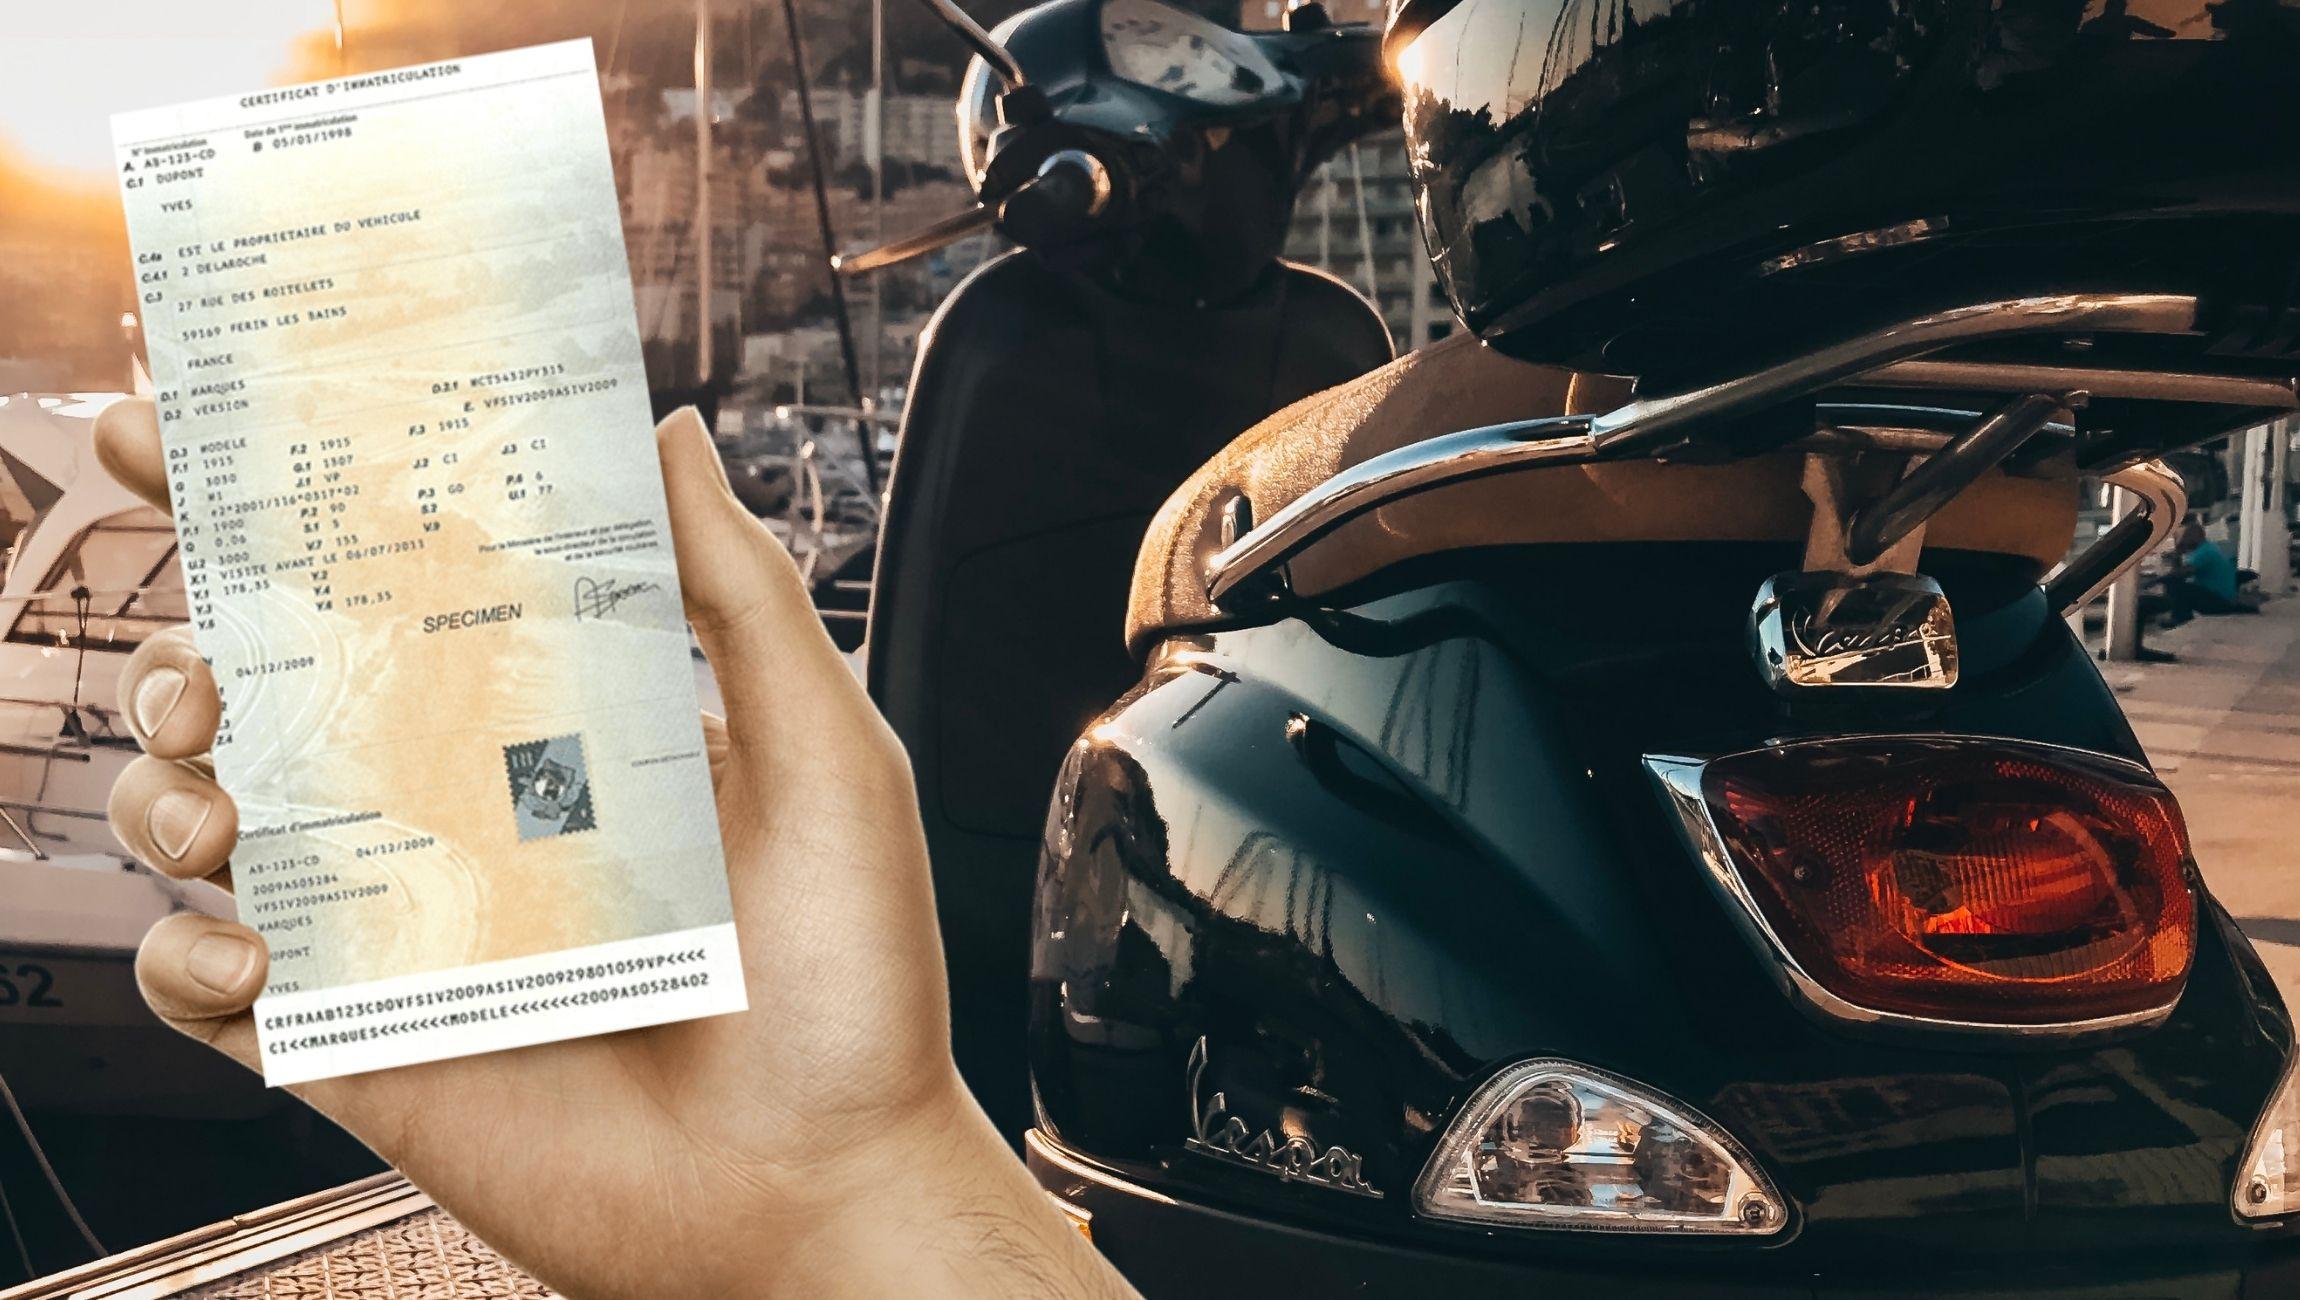 Comment immatriculer un scooter sans carte grise ?